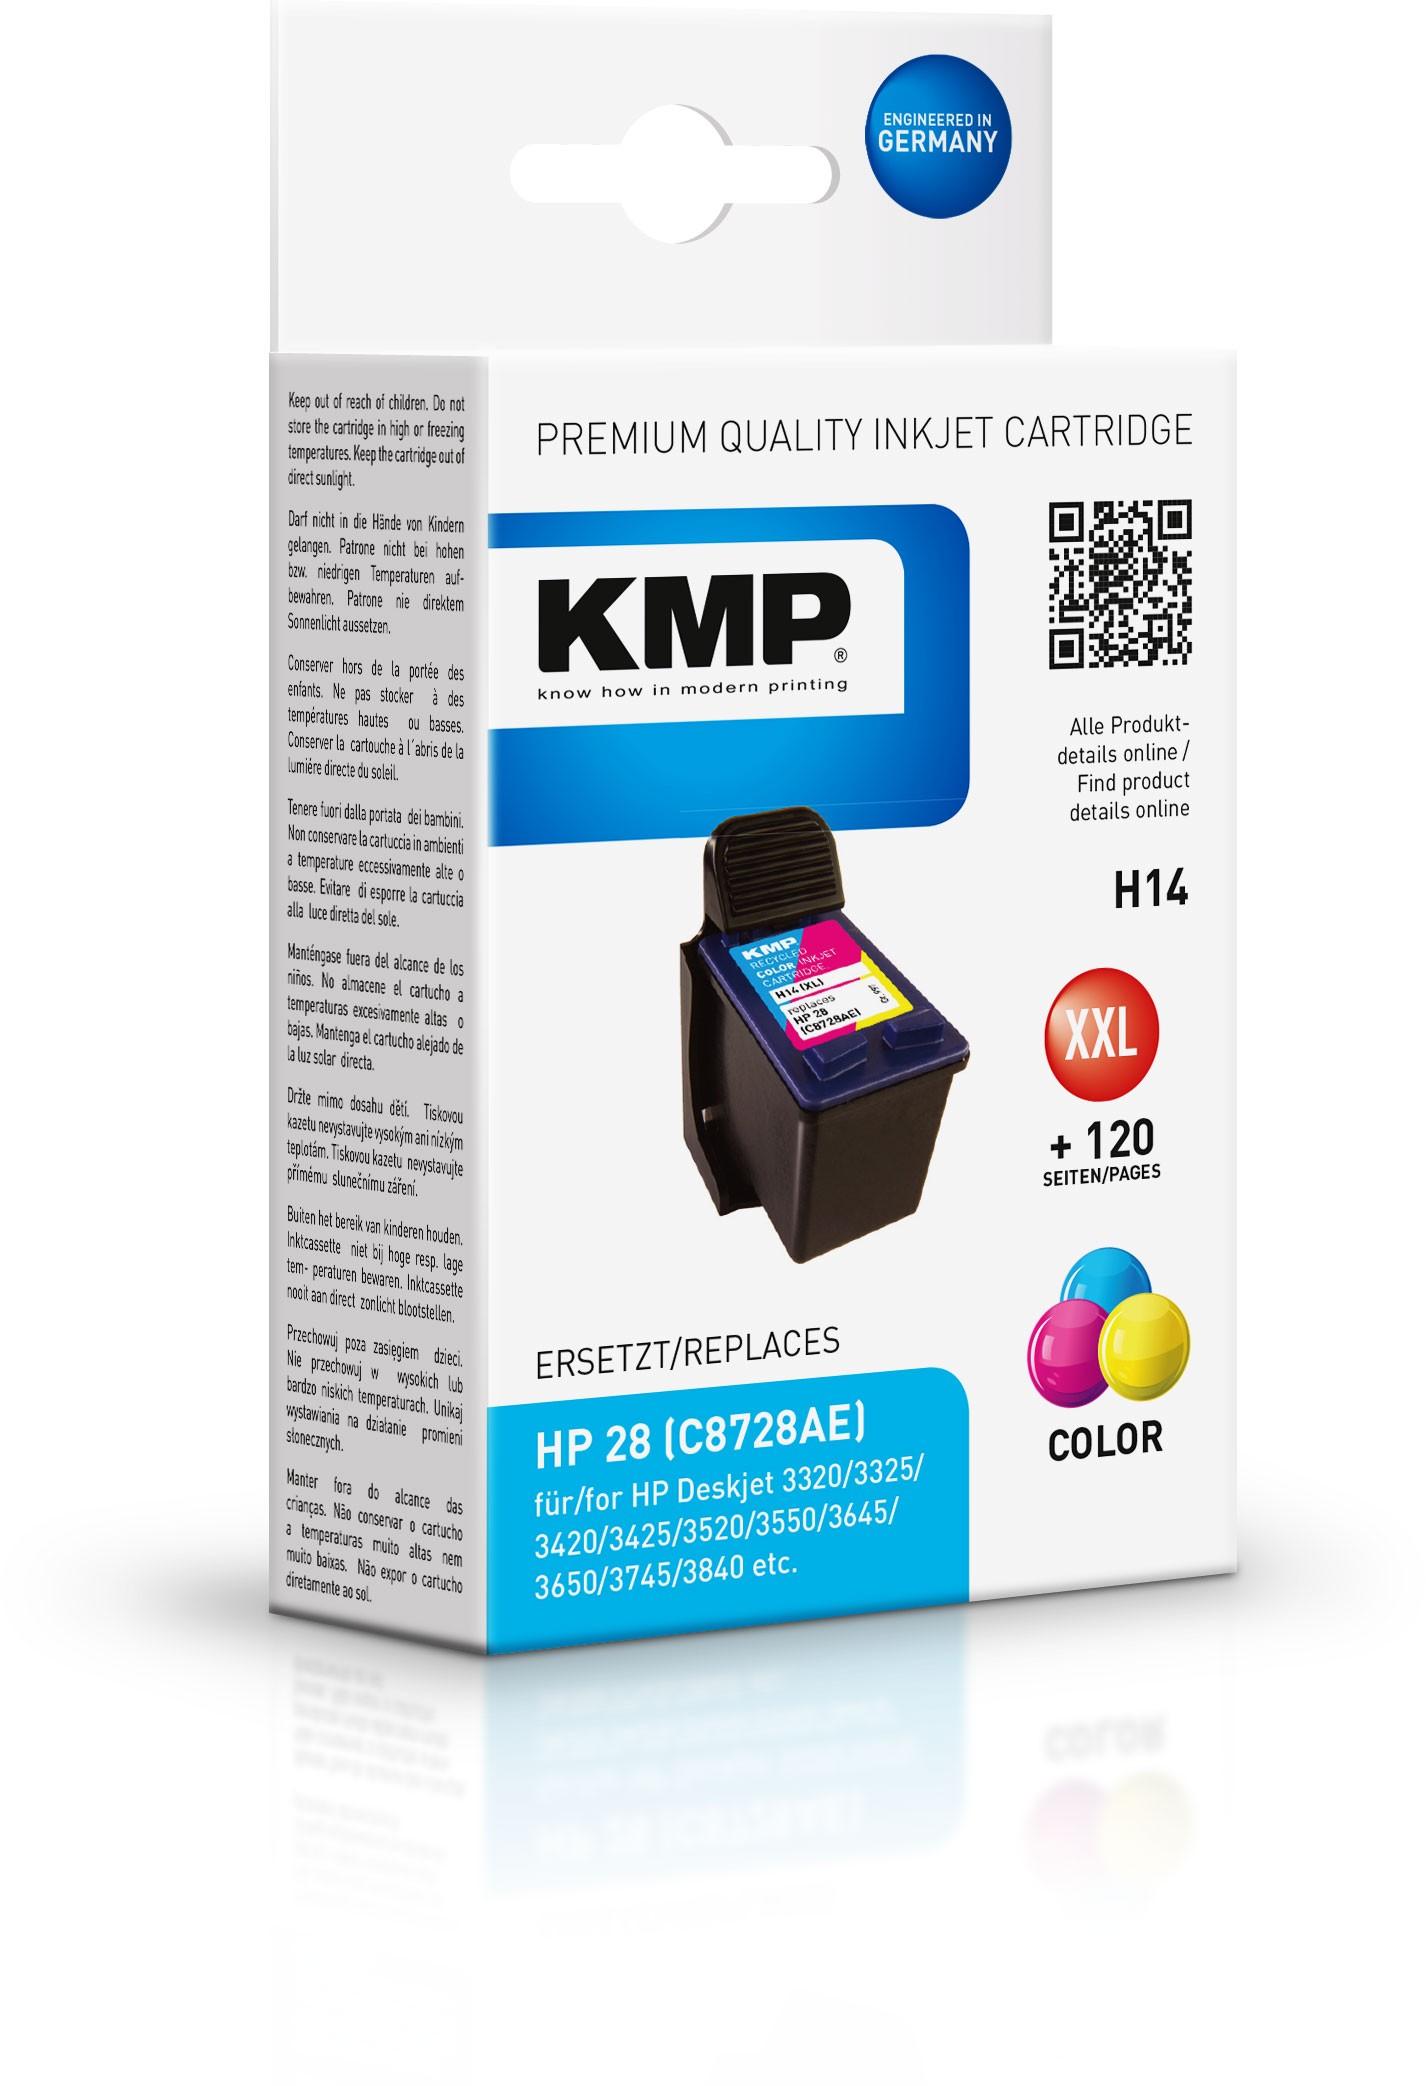 Vorschau: KMP Patrone H14 komp. C8728AE HP DeskJet 3420 3550 3840 color